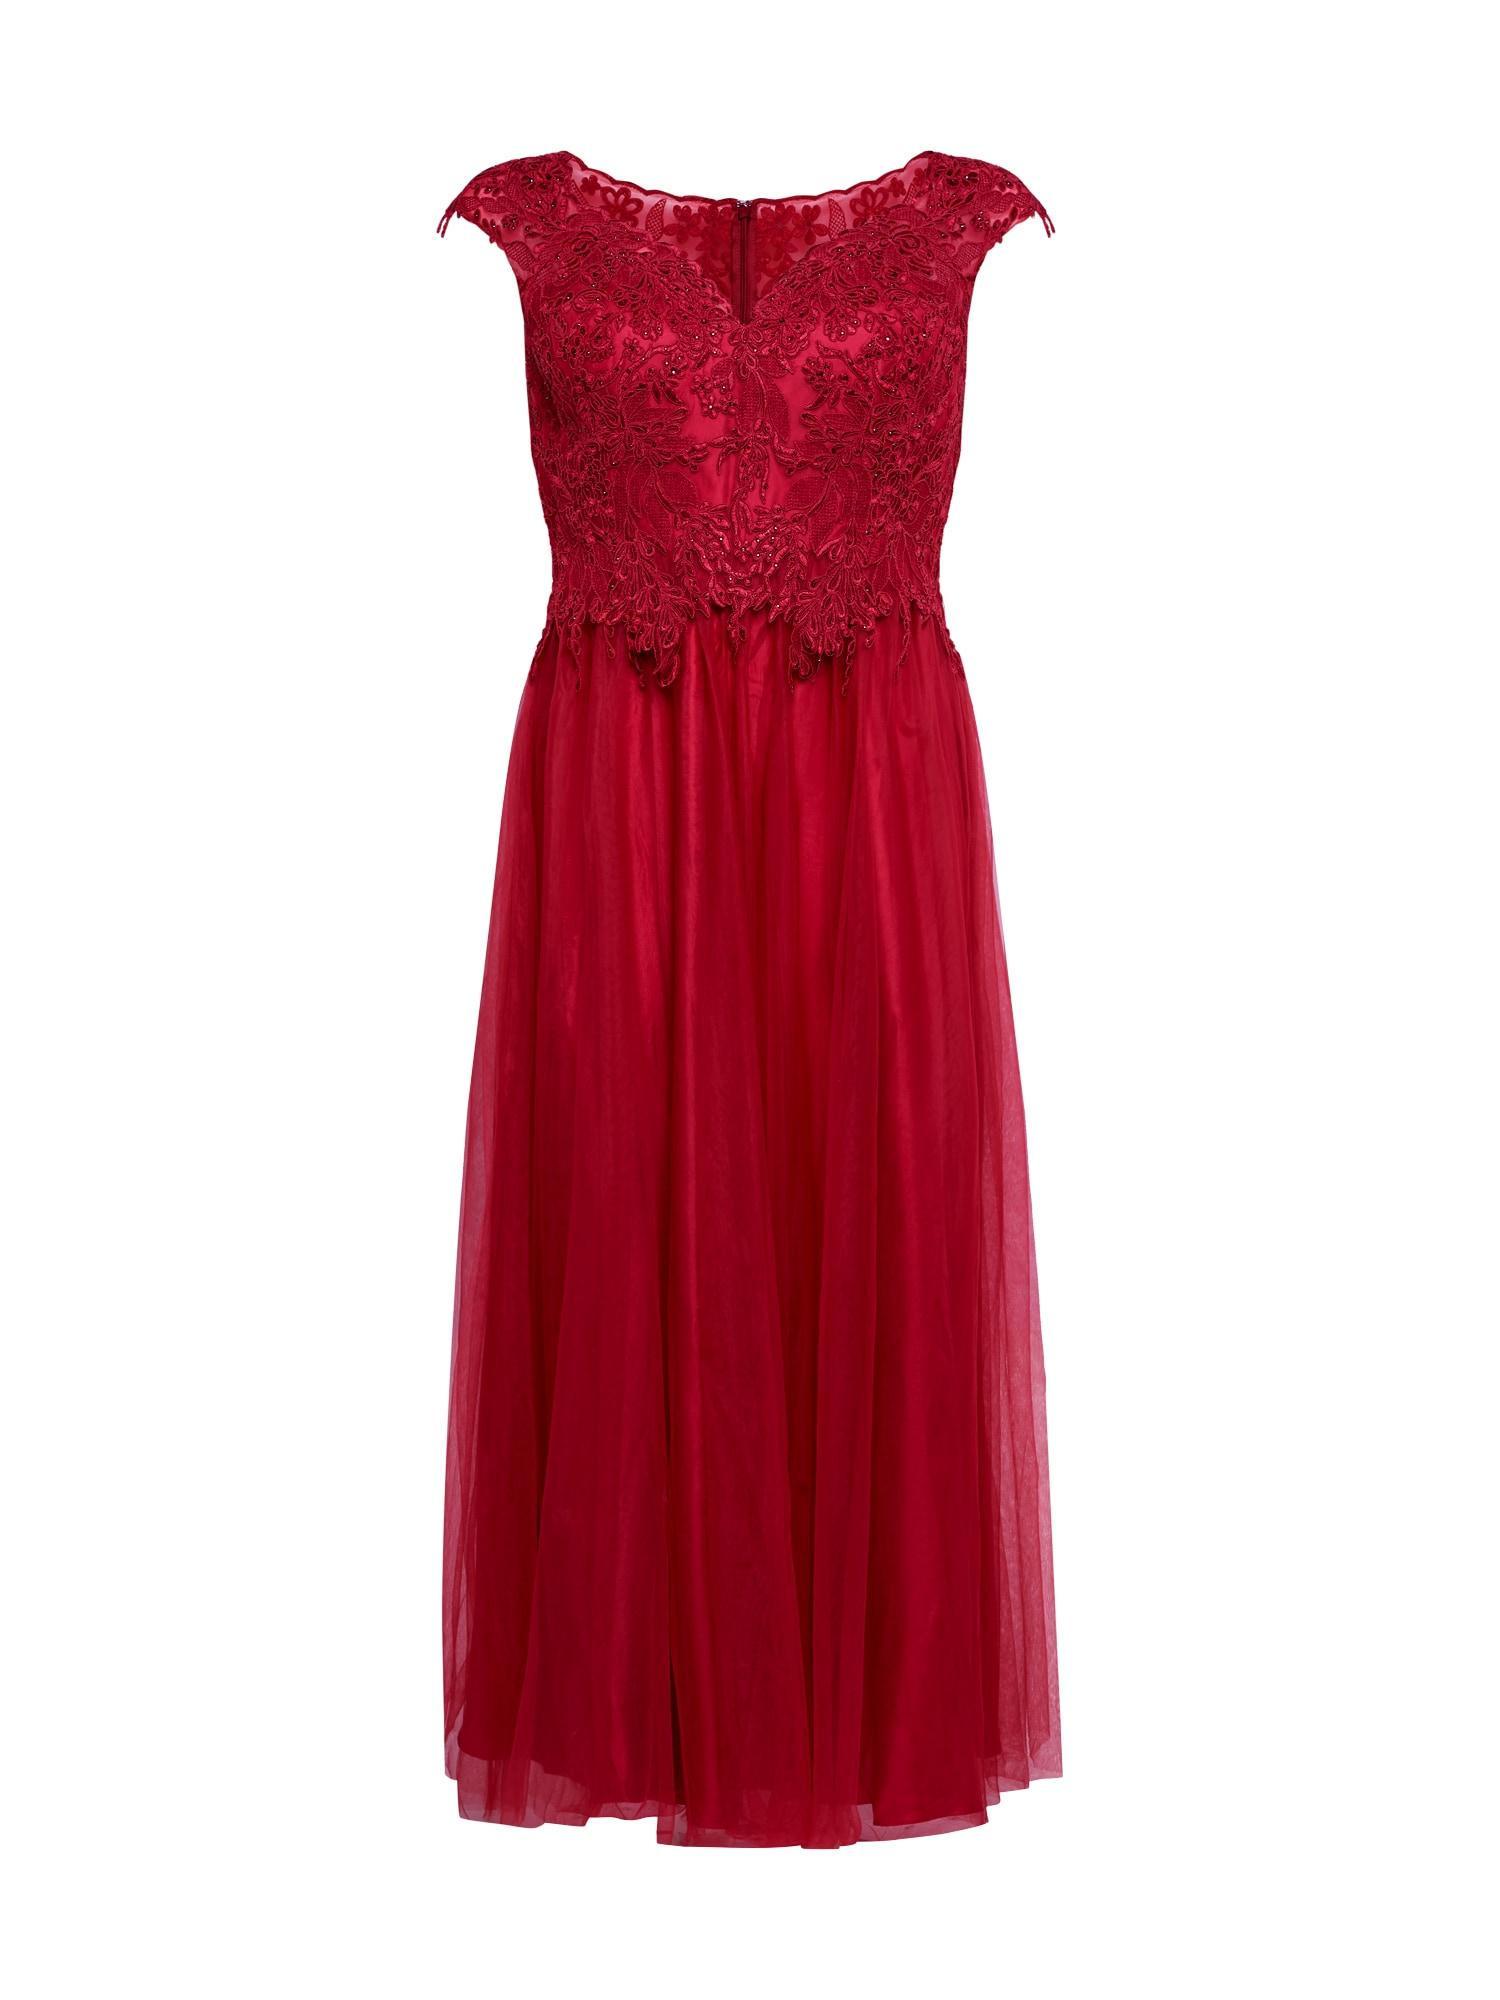 My Mascara Curves Vakarinė suknelė raudona